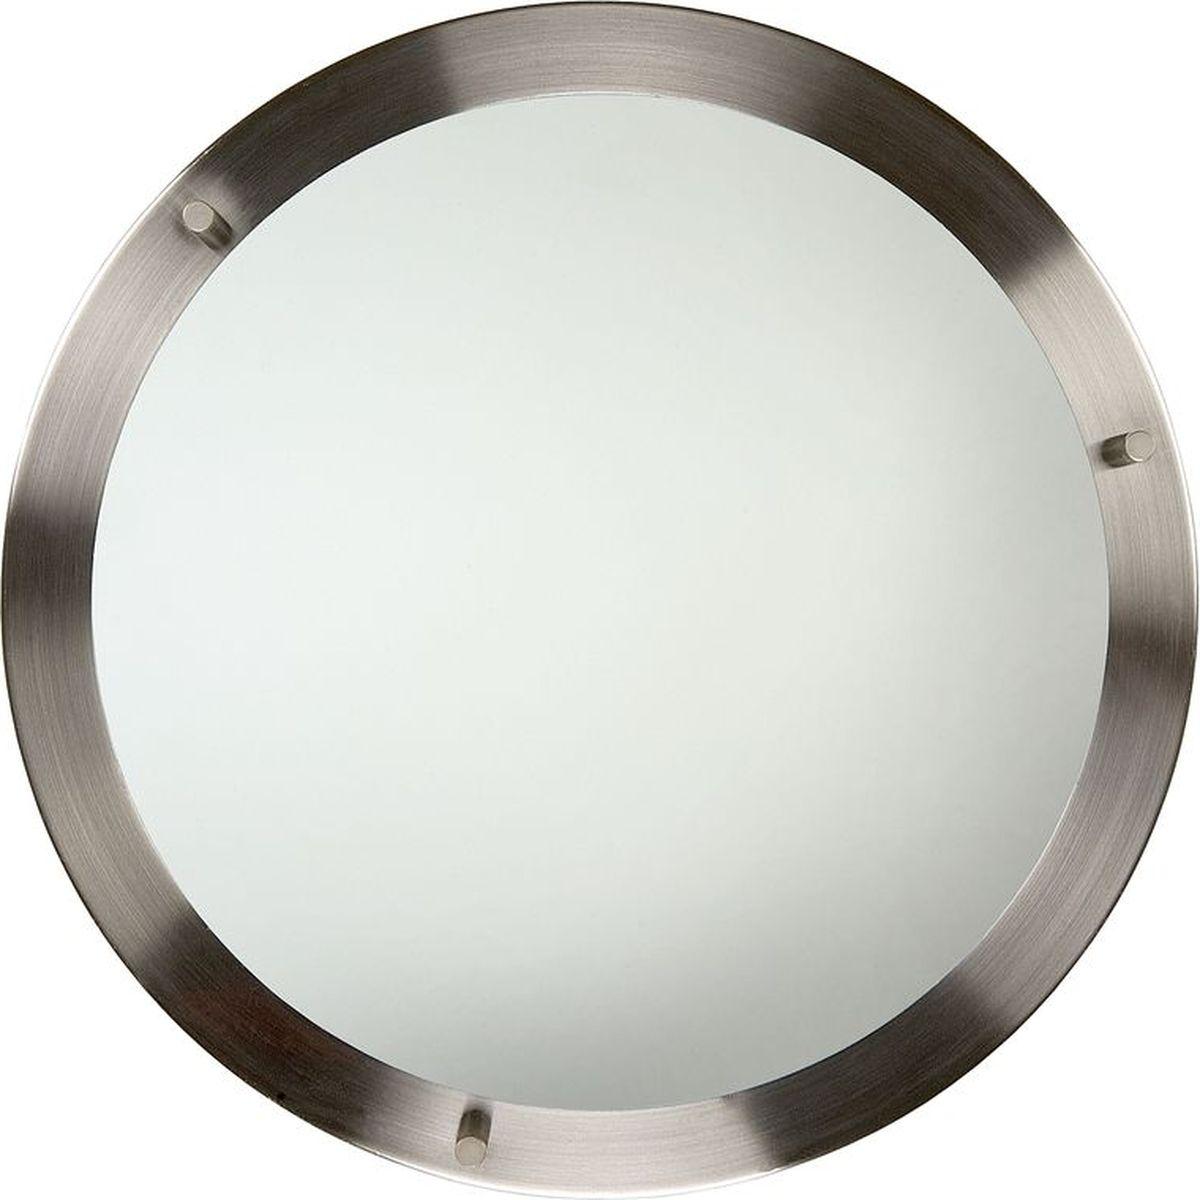 Светильник потолочный Lucide Laida, цвет: белый, G9, 40 Вт. 14114/31/1214114/31/12